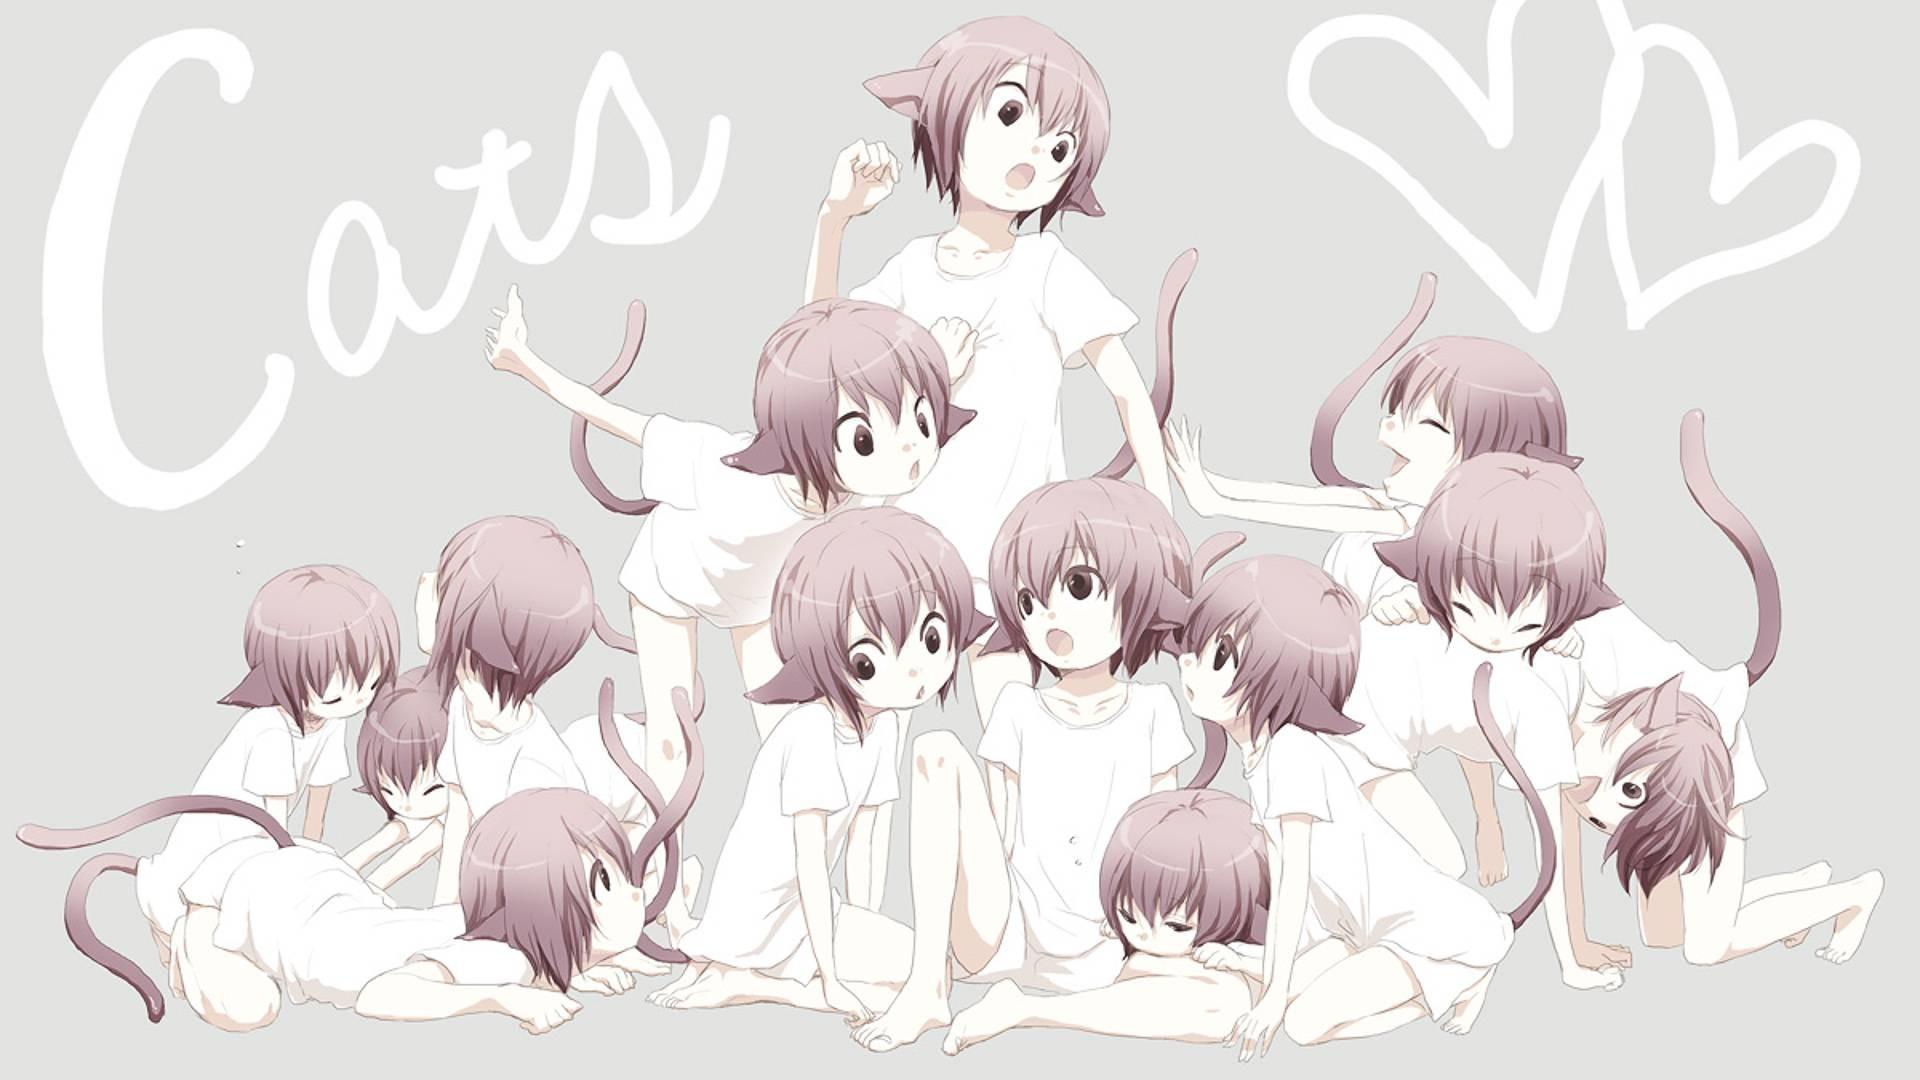 Anime Cat Girl Wallpaper 72 images